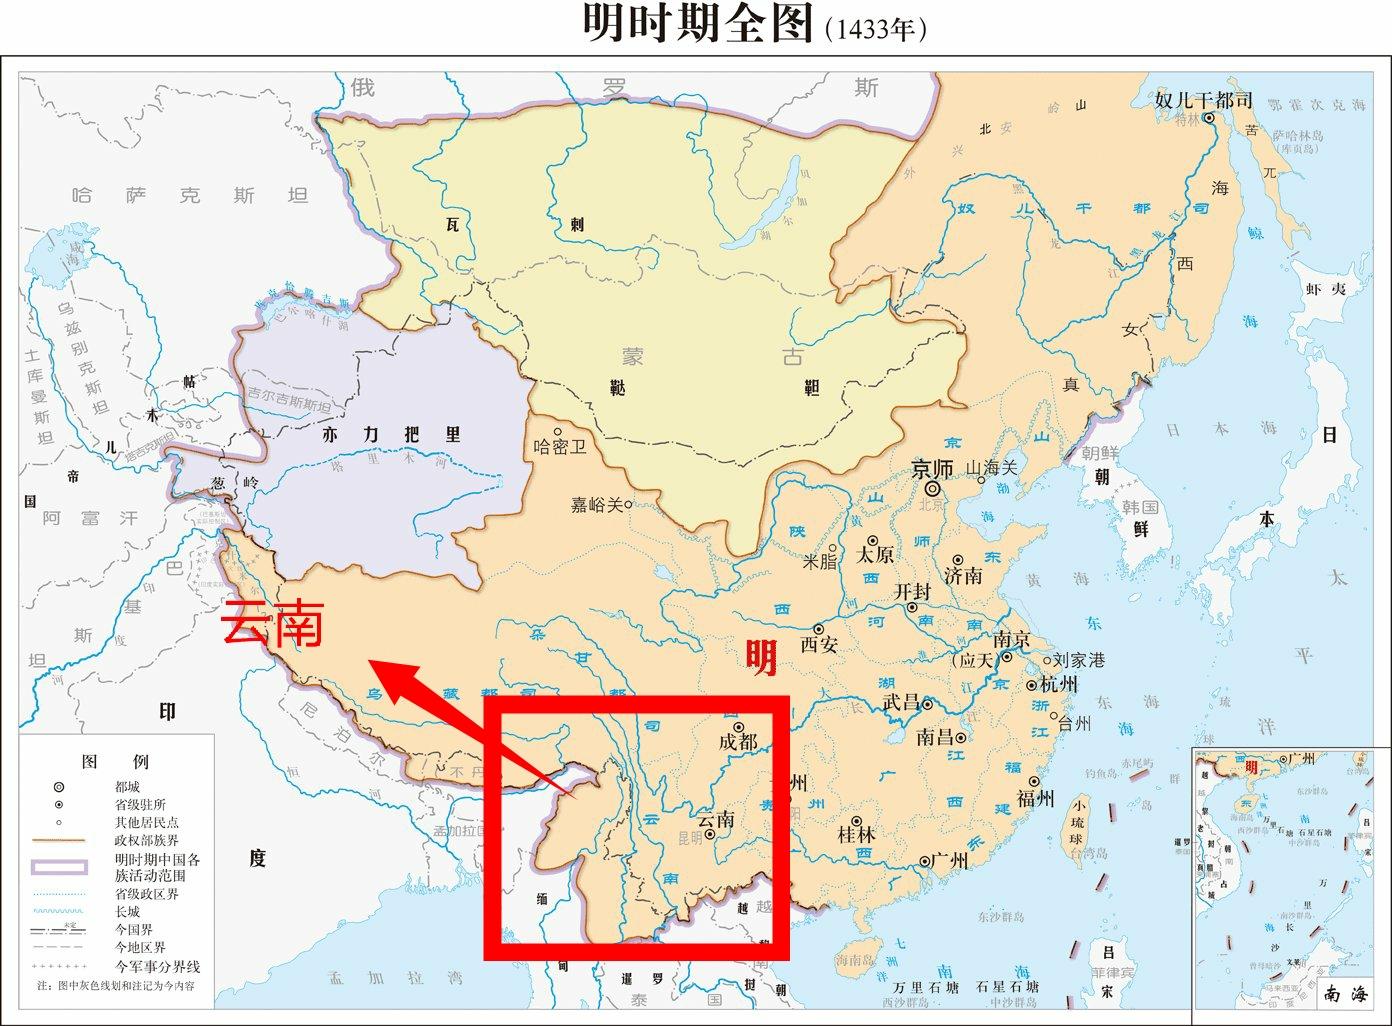 朱元璋大力改造元末社会,晚唐以来四百多年的胡风,自此一扫而去